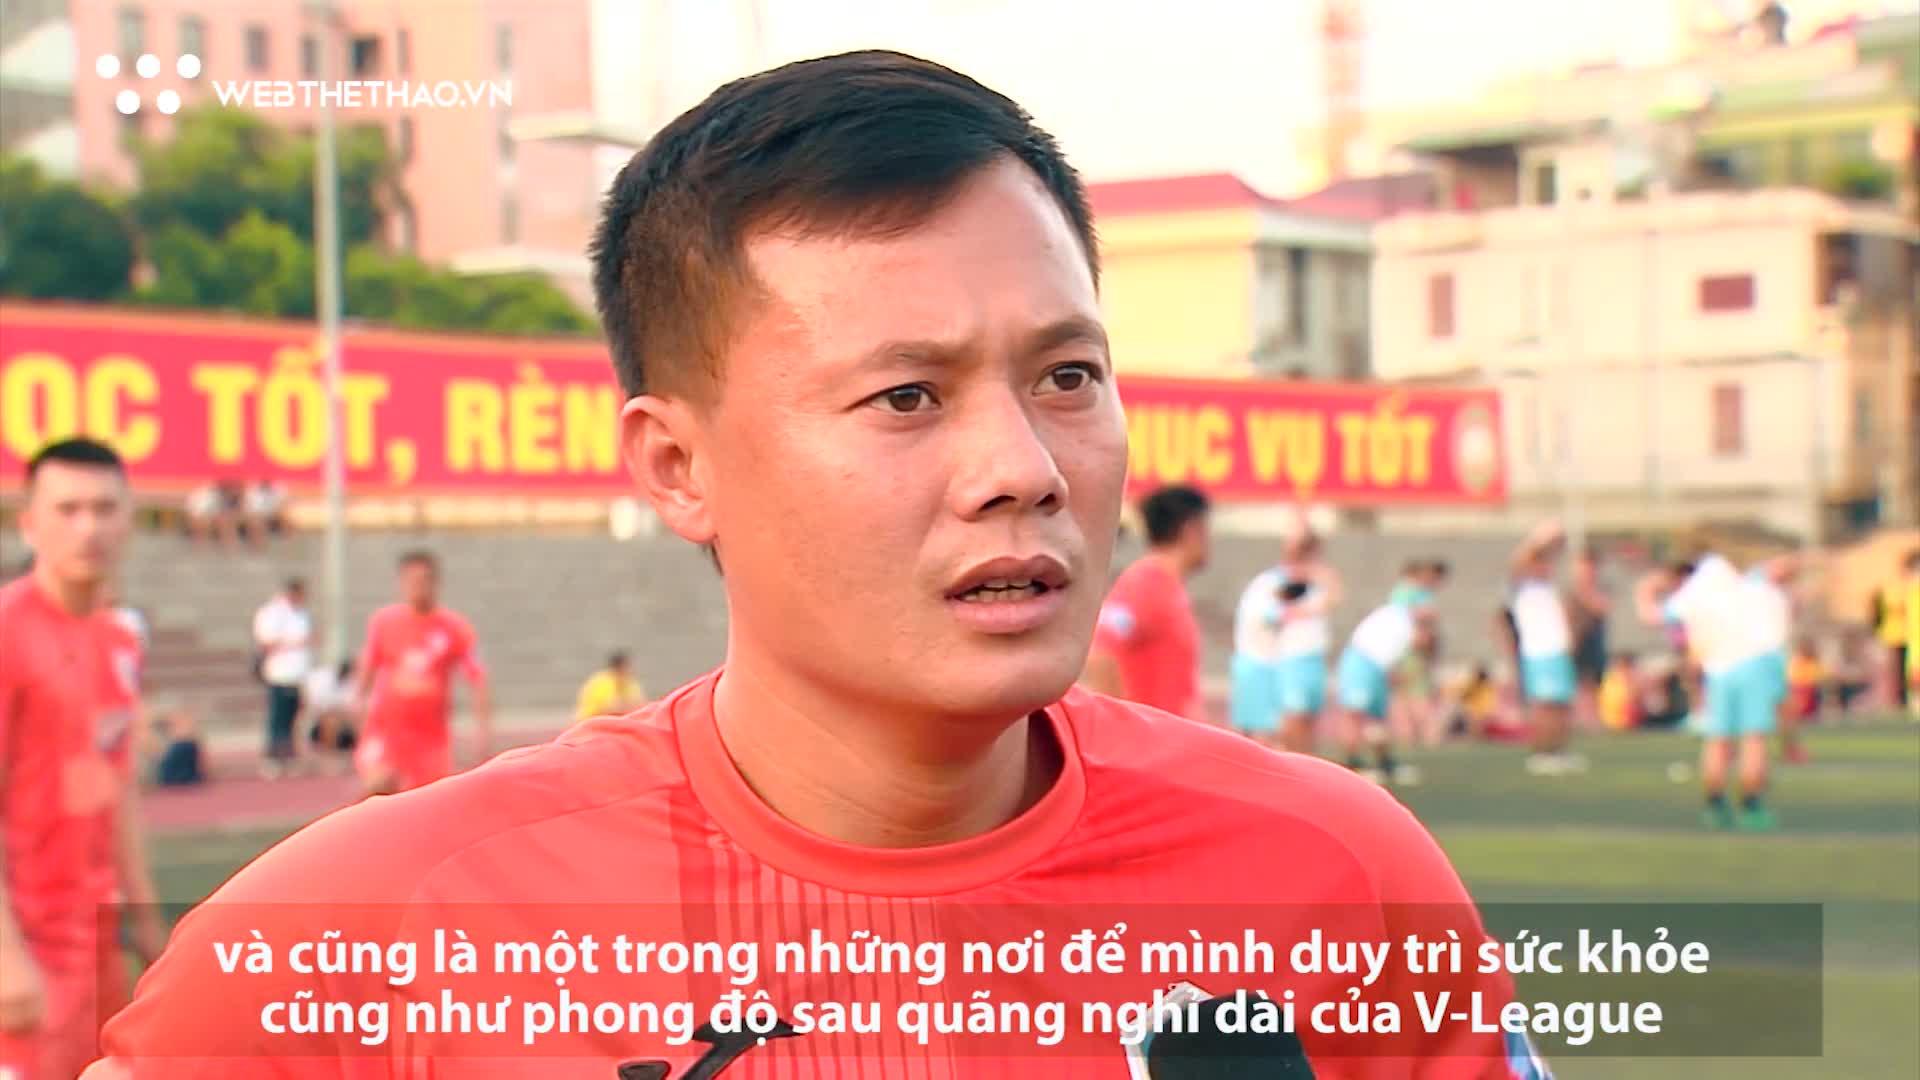 Hanoi Premier League – HPL: Sân chơi vượt tầm một giải đấu phong trào